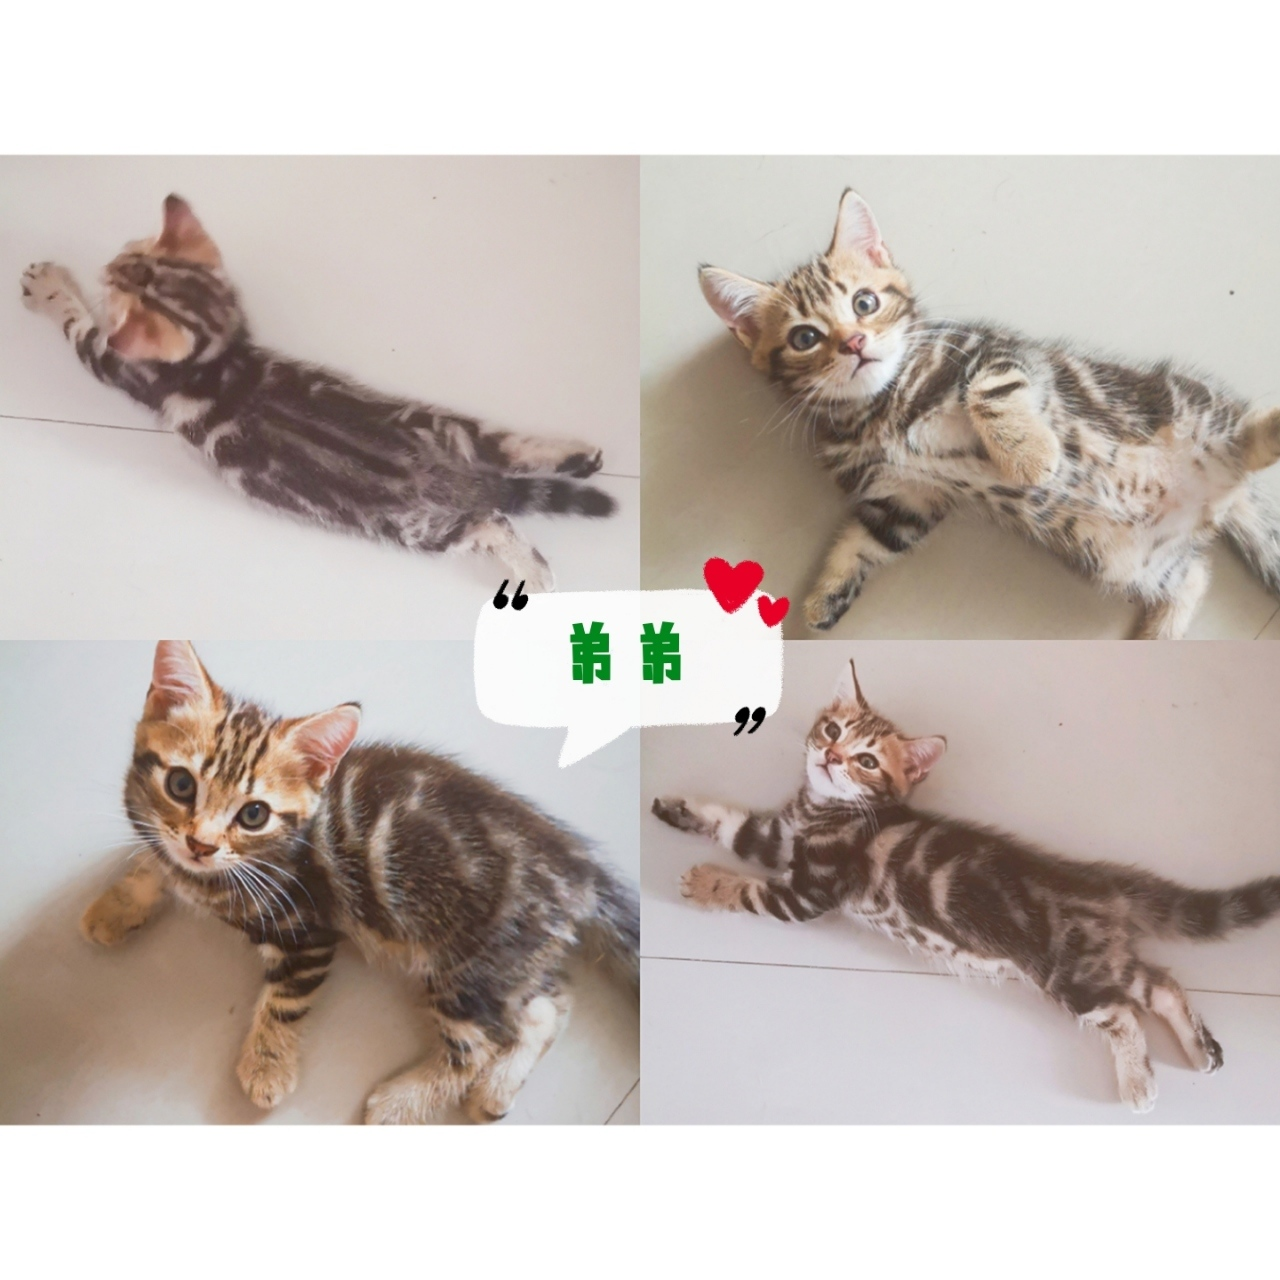 家养猫宝宝找有爱家长